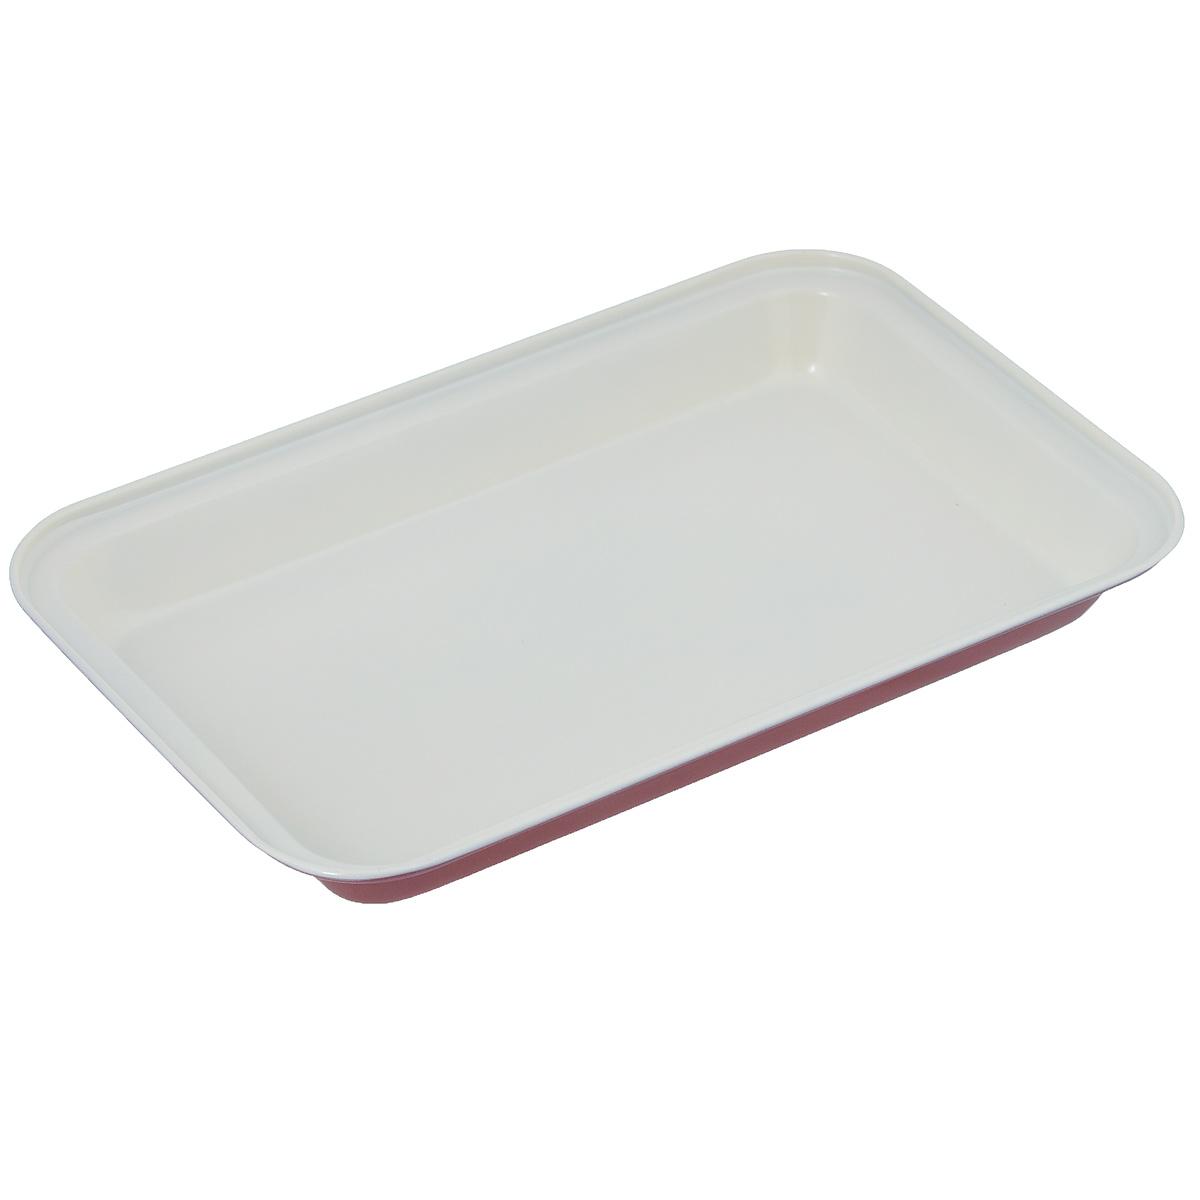 Форма для выпечки Bekker, скерамическим покрытием, прямоугольная, цвет: красный, белый, 18 см х 28 смBK-3974Прямоугольная форма Bekker изготовлена из углеродистой стали с антипригарным керамическим покрытием Pfluon, благодаря чему пища не пригорает и не прилипает к стенкам посуды. Снаружи форма покрыта цветным жаропрочным покрытием. Готовить можно с добавлением минимального количества масла и жиров. Антипригарное покрытие также обеспечивает легкость мытья. Стенки ровные.Для чистки нельзя использовать абразивные чистящие средства и жесткие губки. Подходит для использования в духовом шкафу. Нельзя мыть в посудомоечной машине.